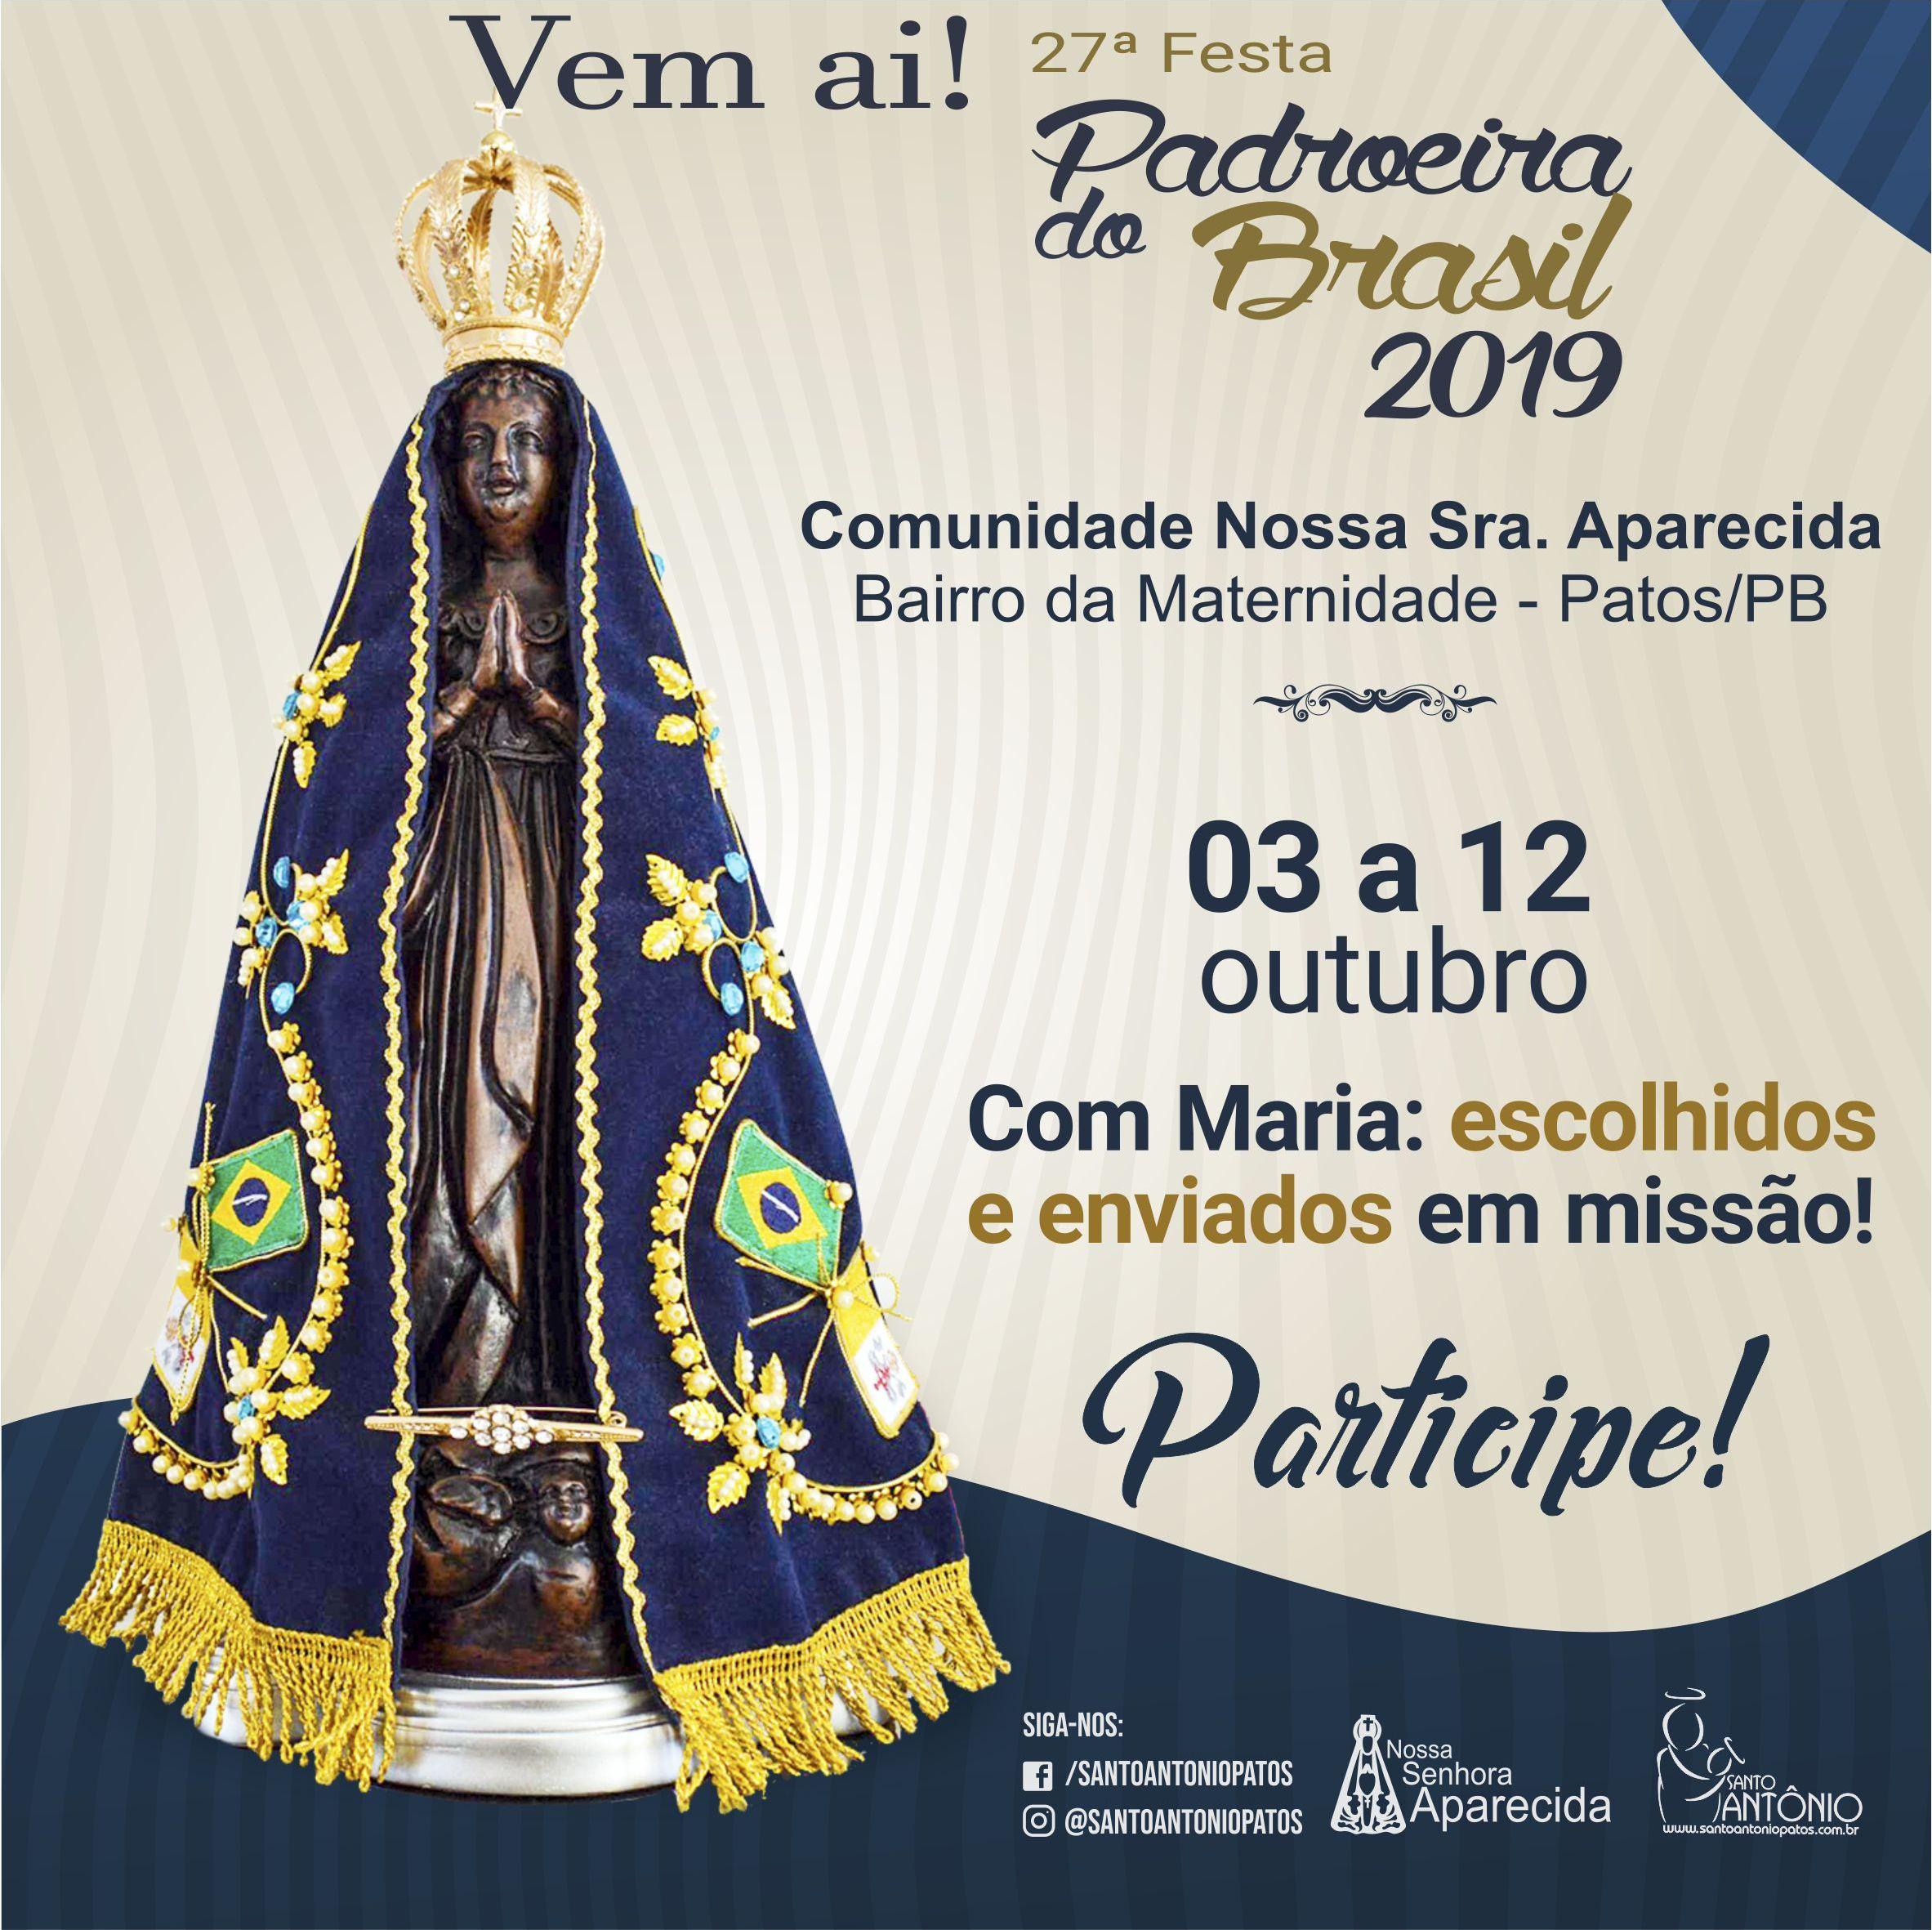 Veja aqui a Programação Religiosa Completa - Festa de N Sra. Aparecida - 2019